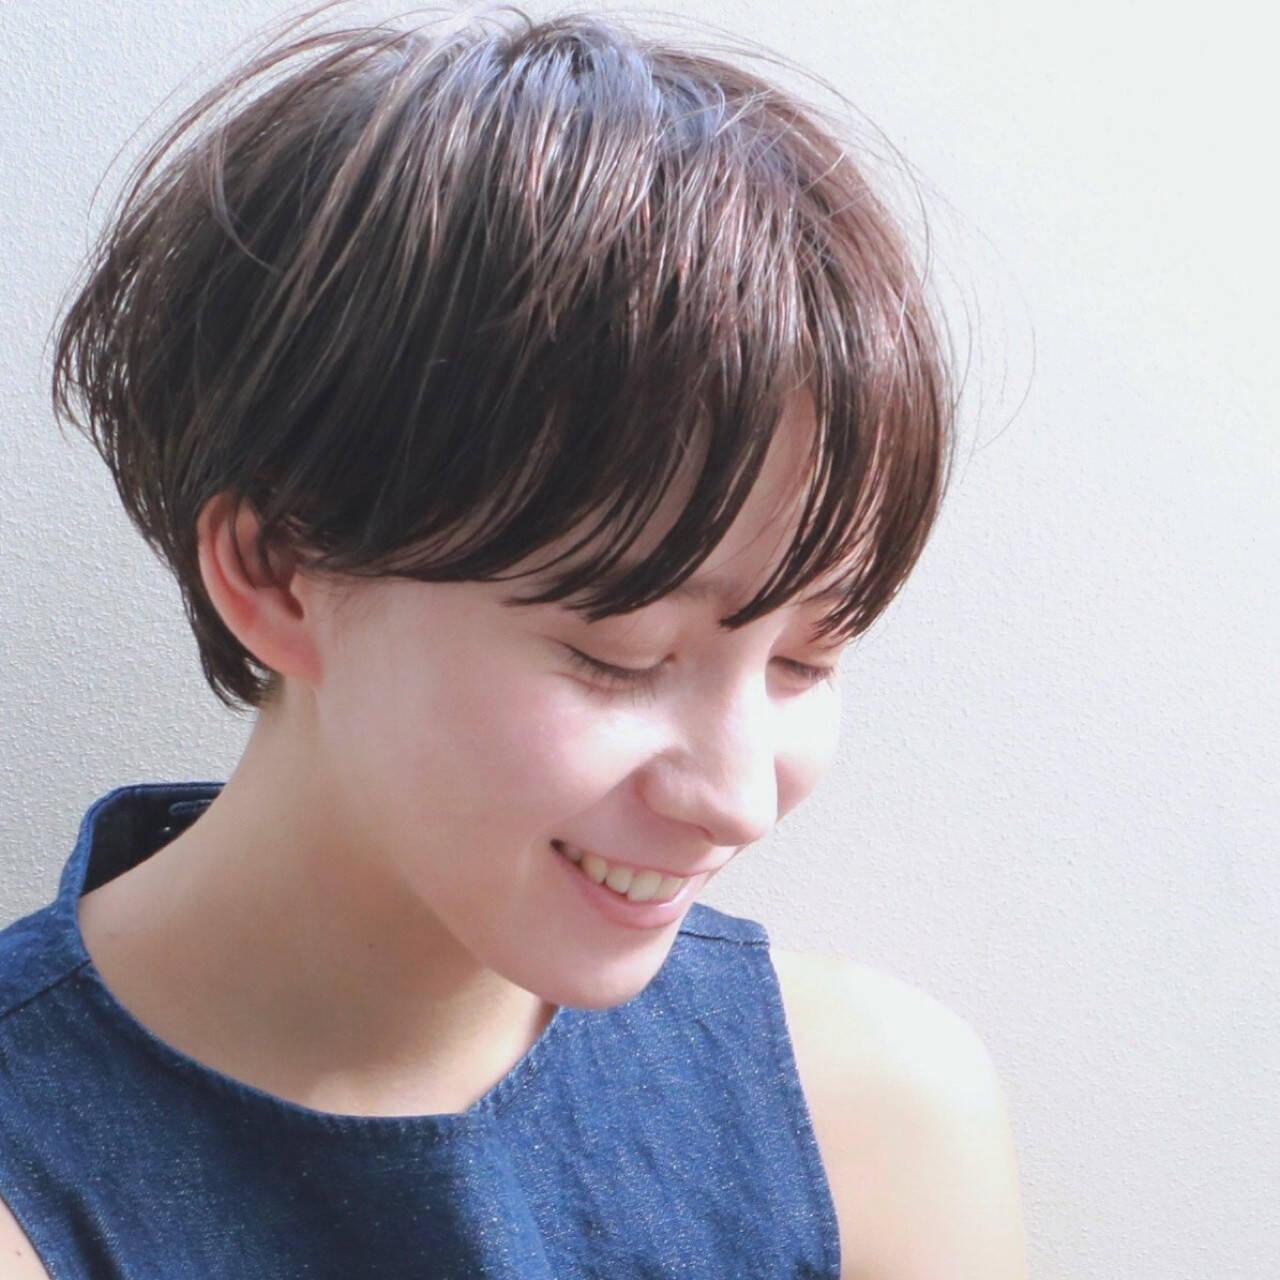 ウェットヘア ショート マッシュ ナチュラルヘアスタイルや髪型の写真・画像